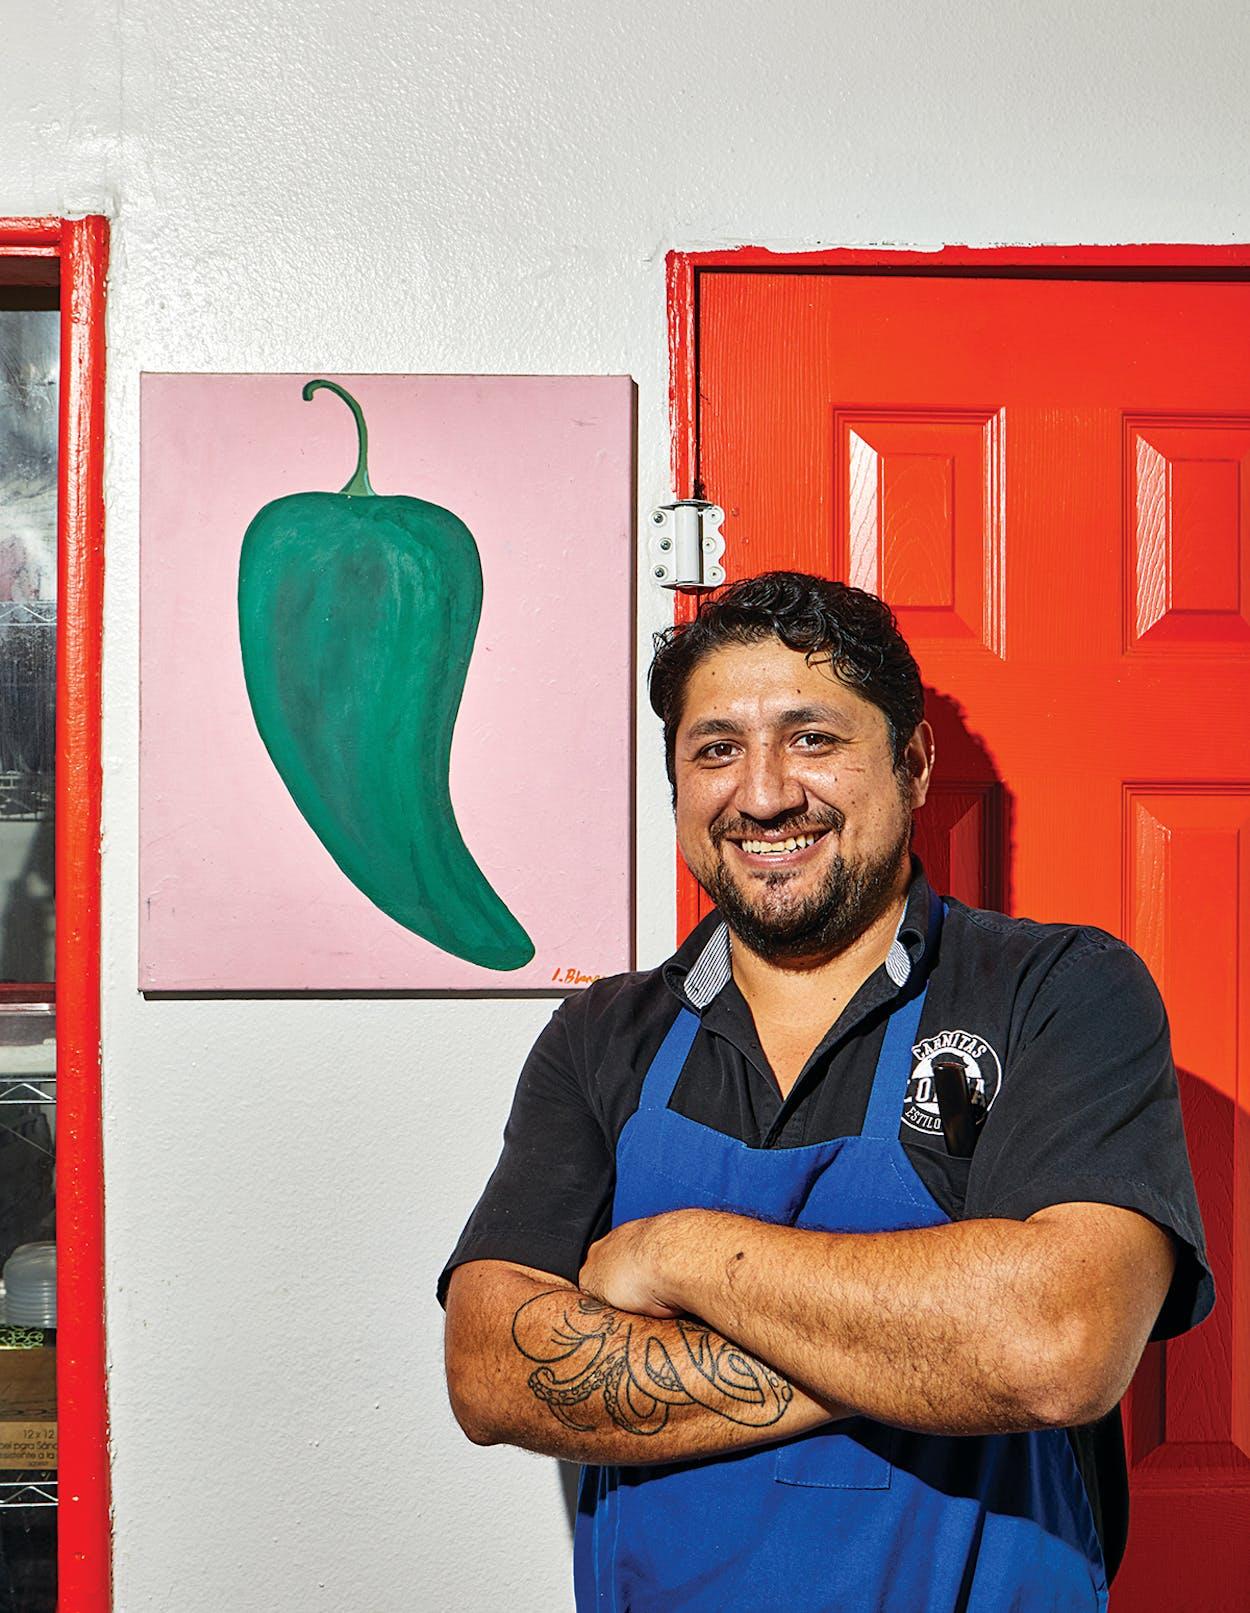 Alejandro Paredes at Carnitas Lonja, in San Antonio, on October 20, 2020.